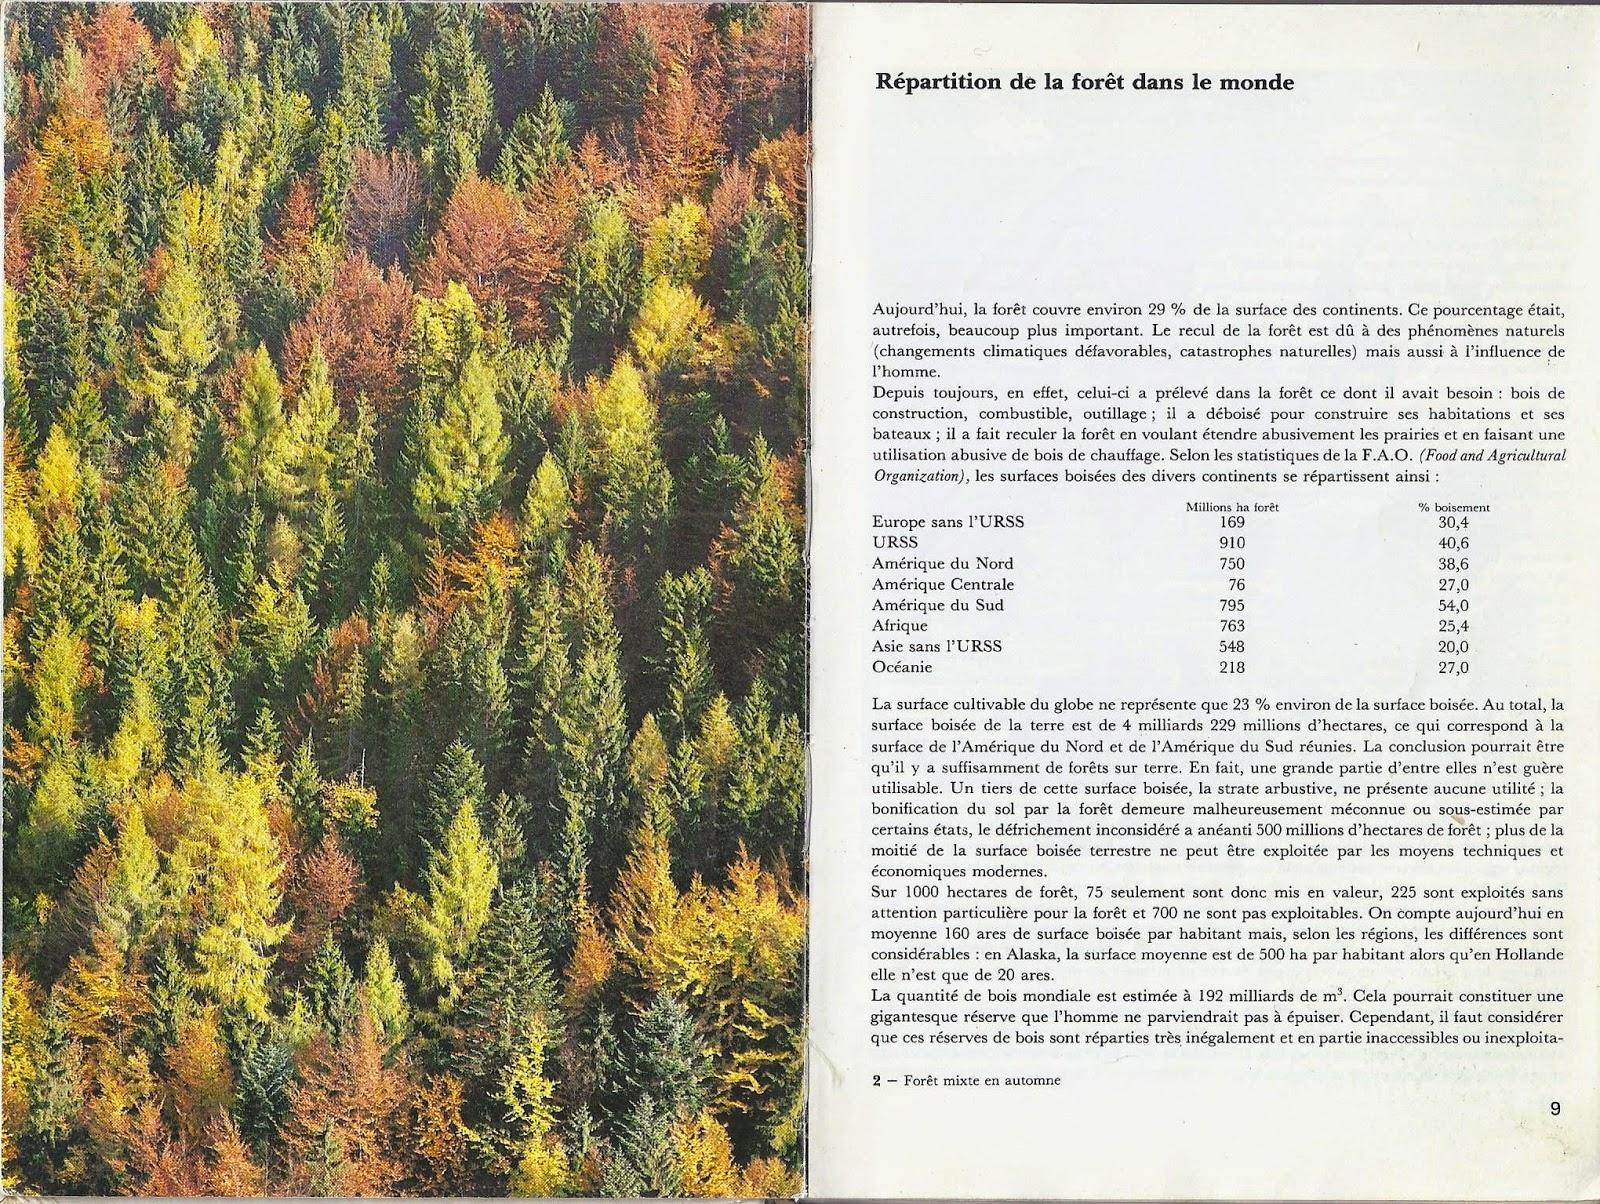 La forêt, communauté de vie